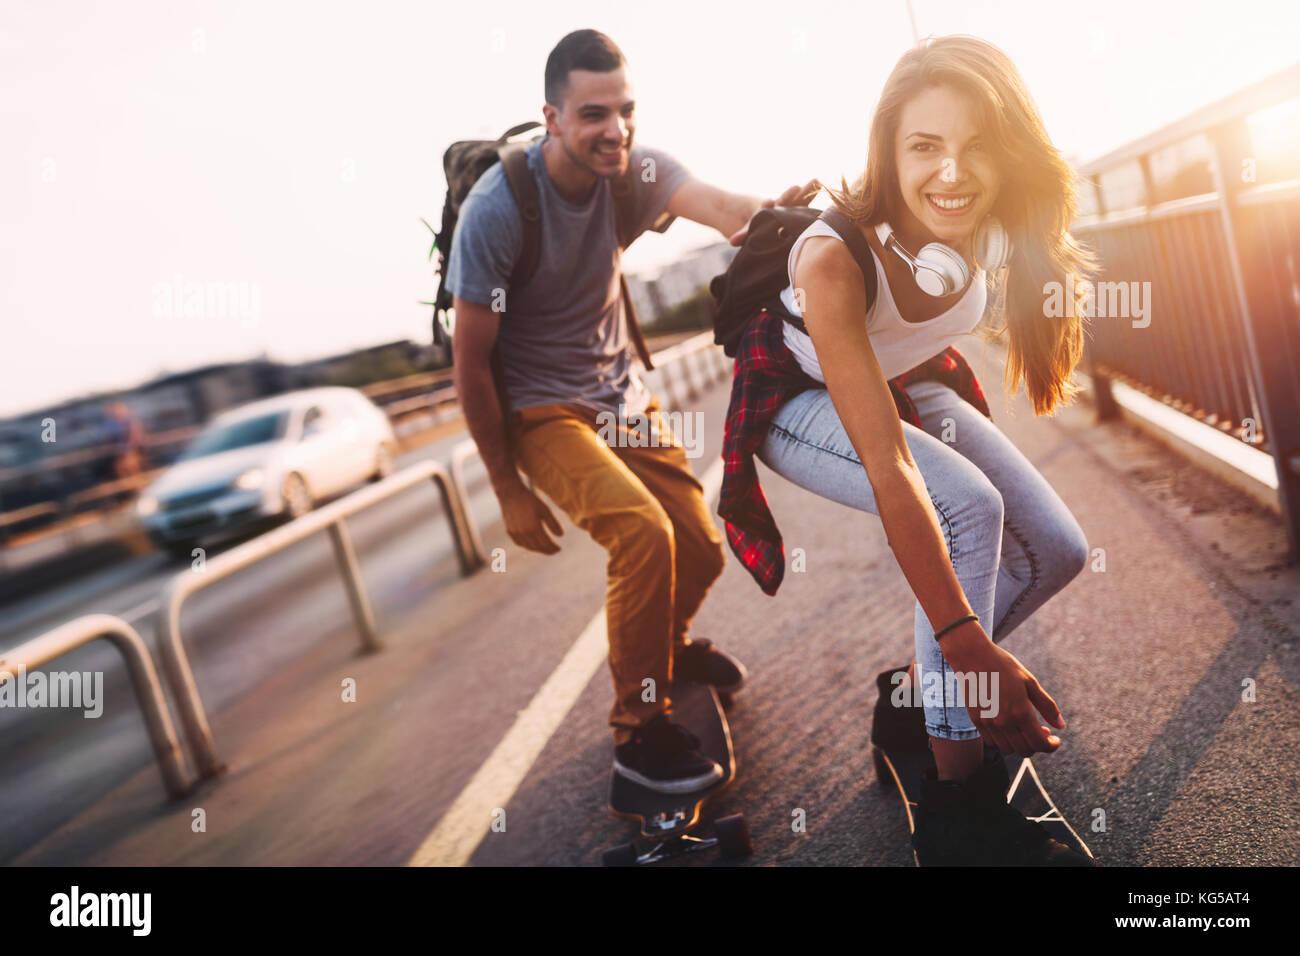 Giovane coppia attraente skateboard equitazione e divertimento Immagini Stock